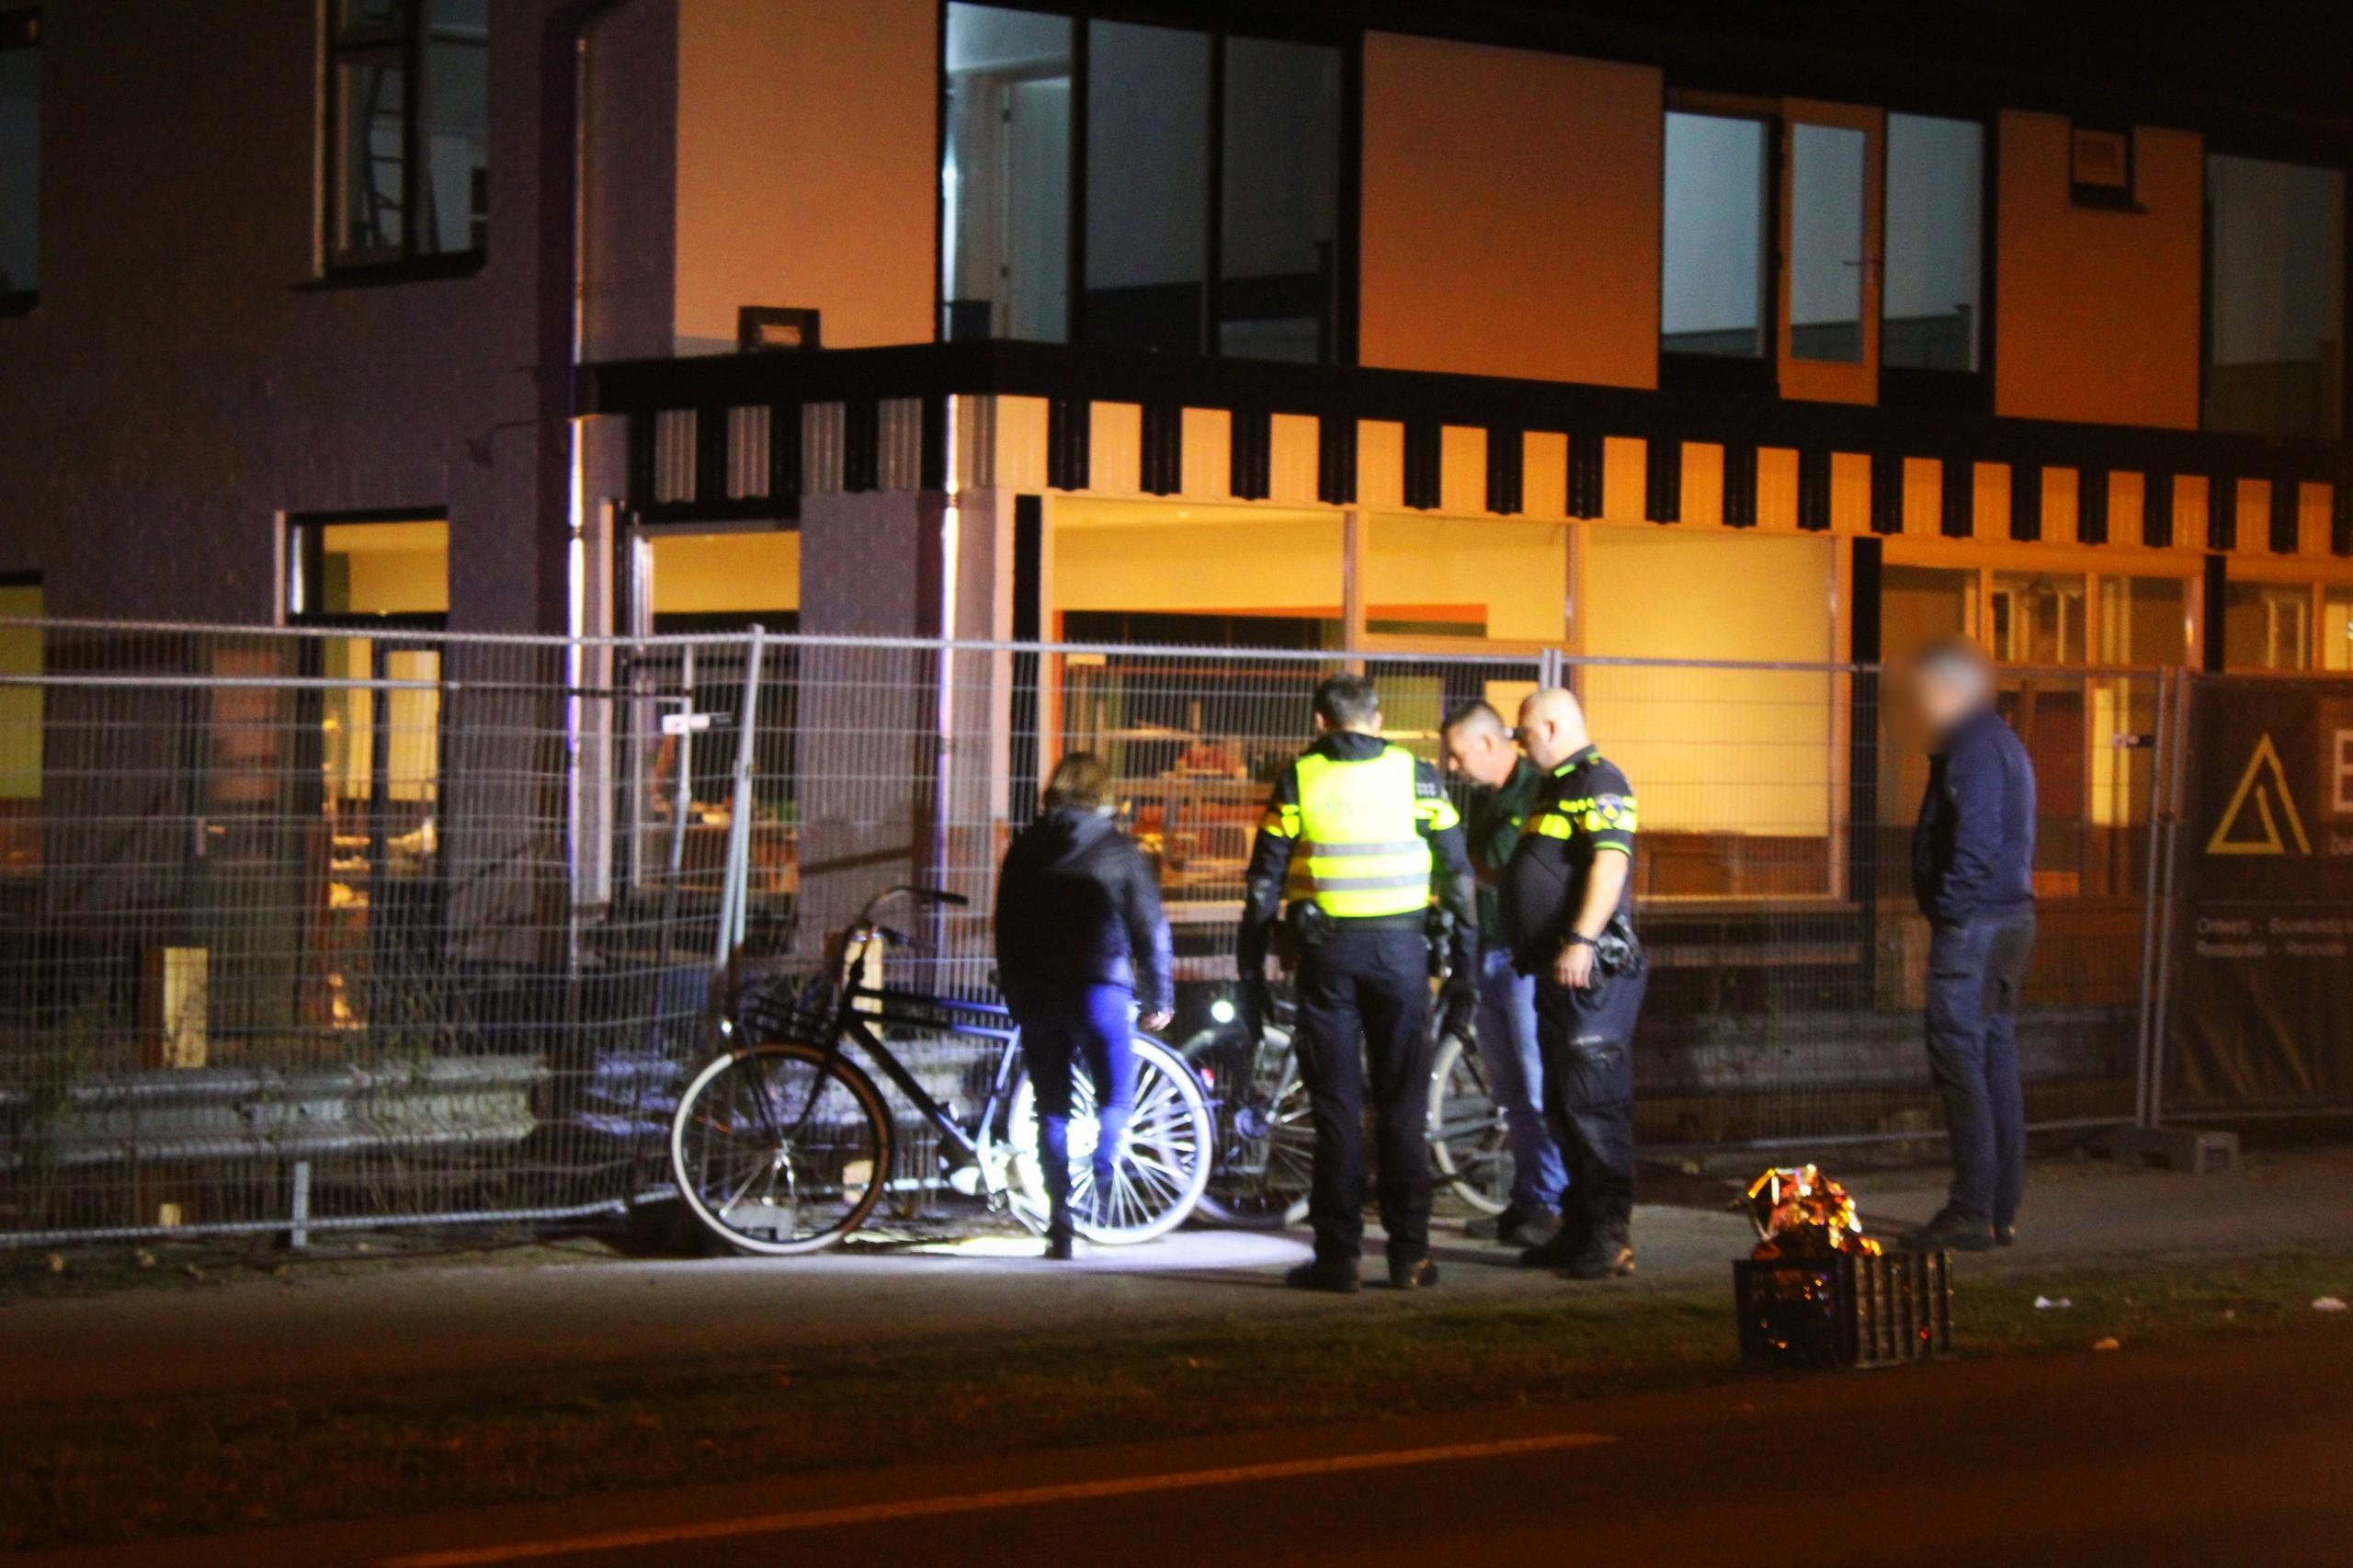 Tiener geschept door bestelbus in Apeldoorn en raakt ernstig gewond